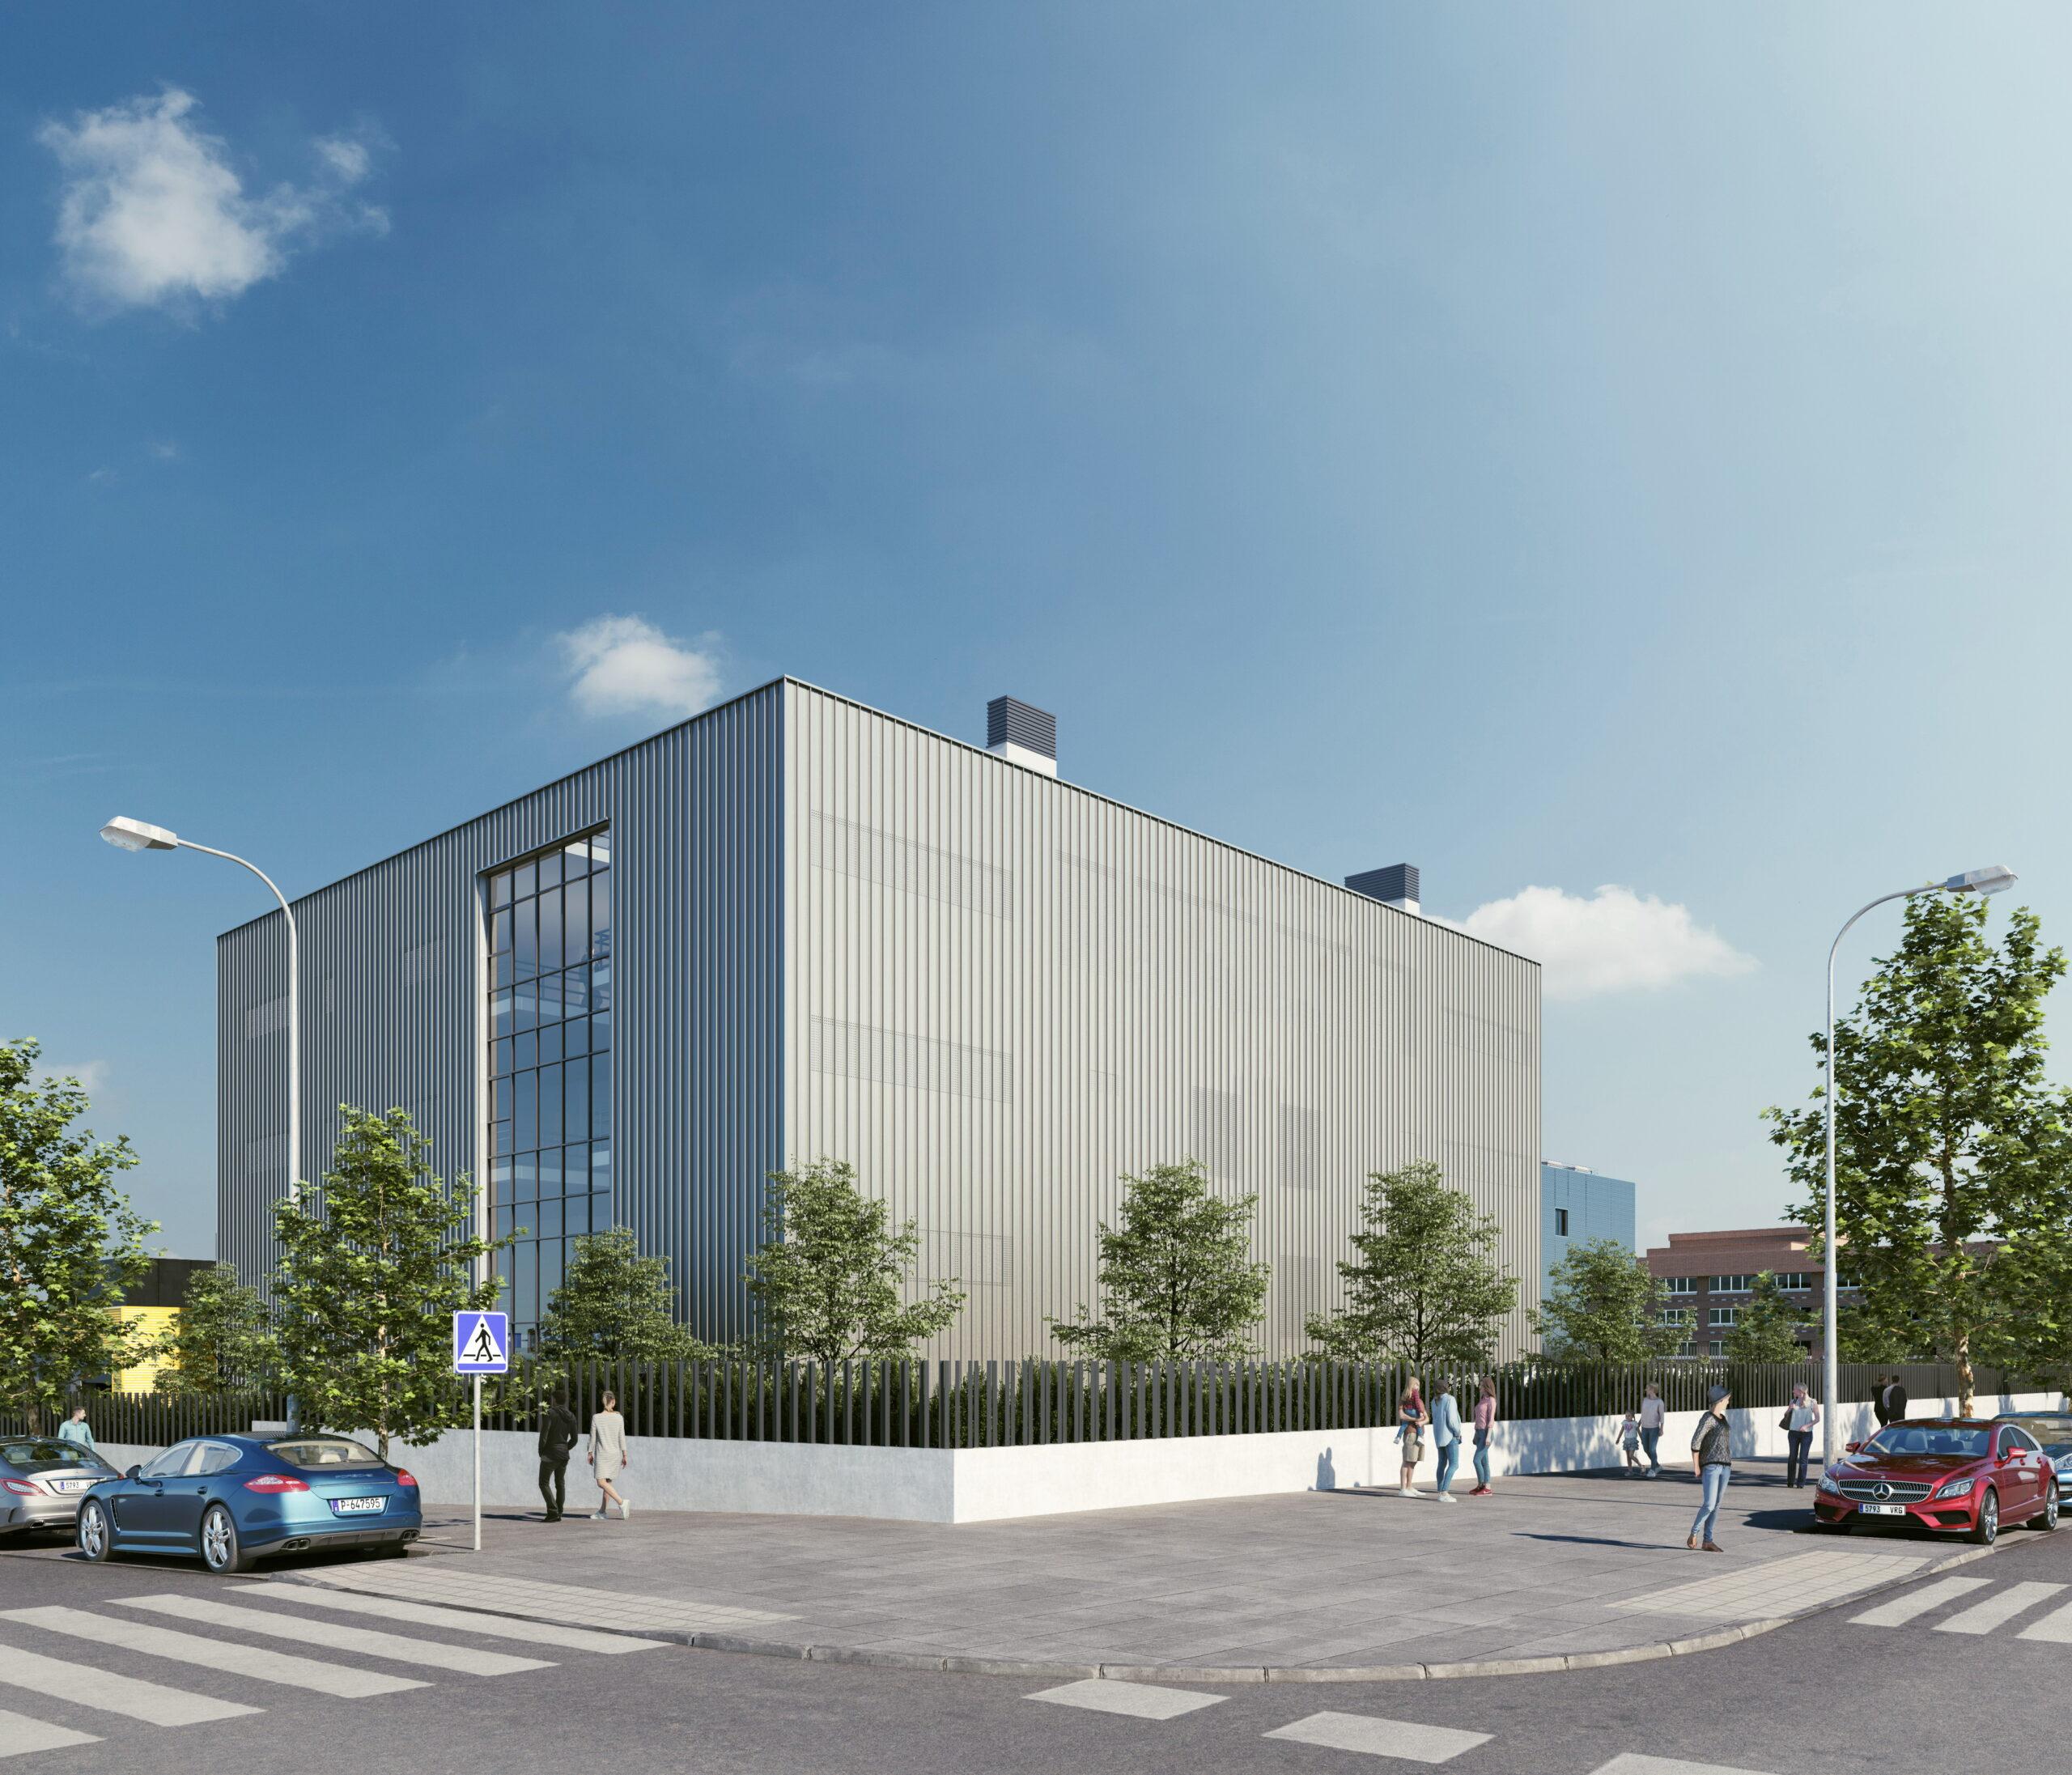 Recreación del nuevo edificio que albergará la sede la Junta Municipal de Puente de Vallecas